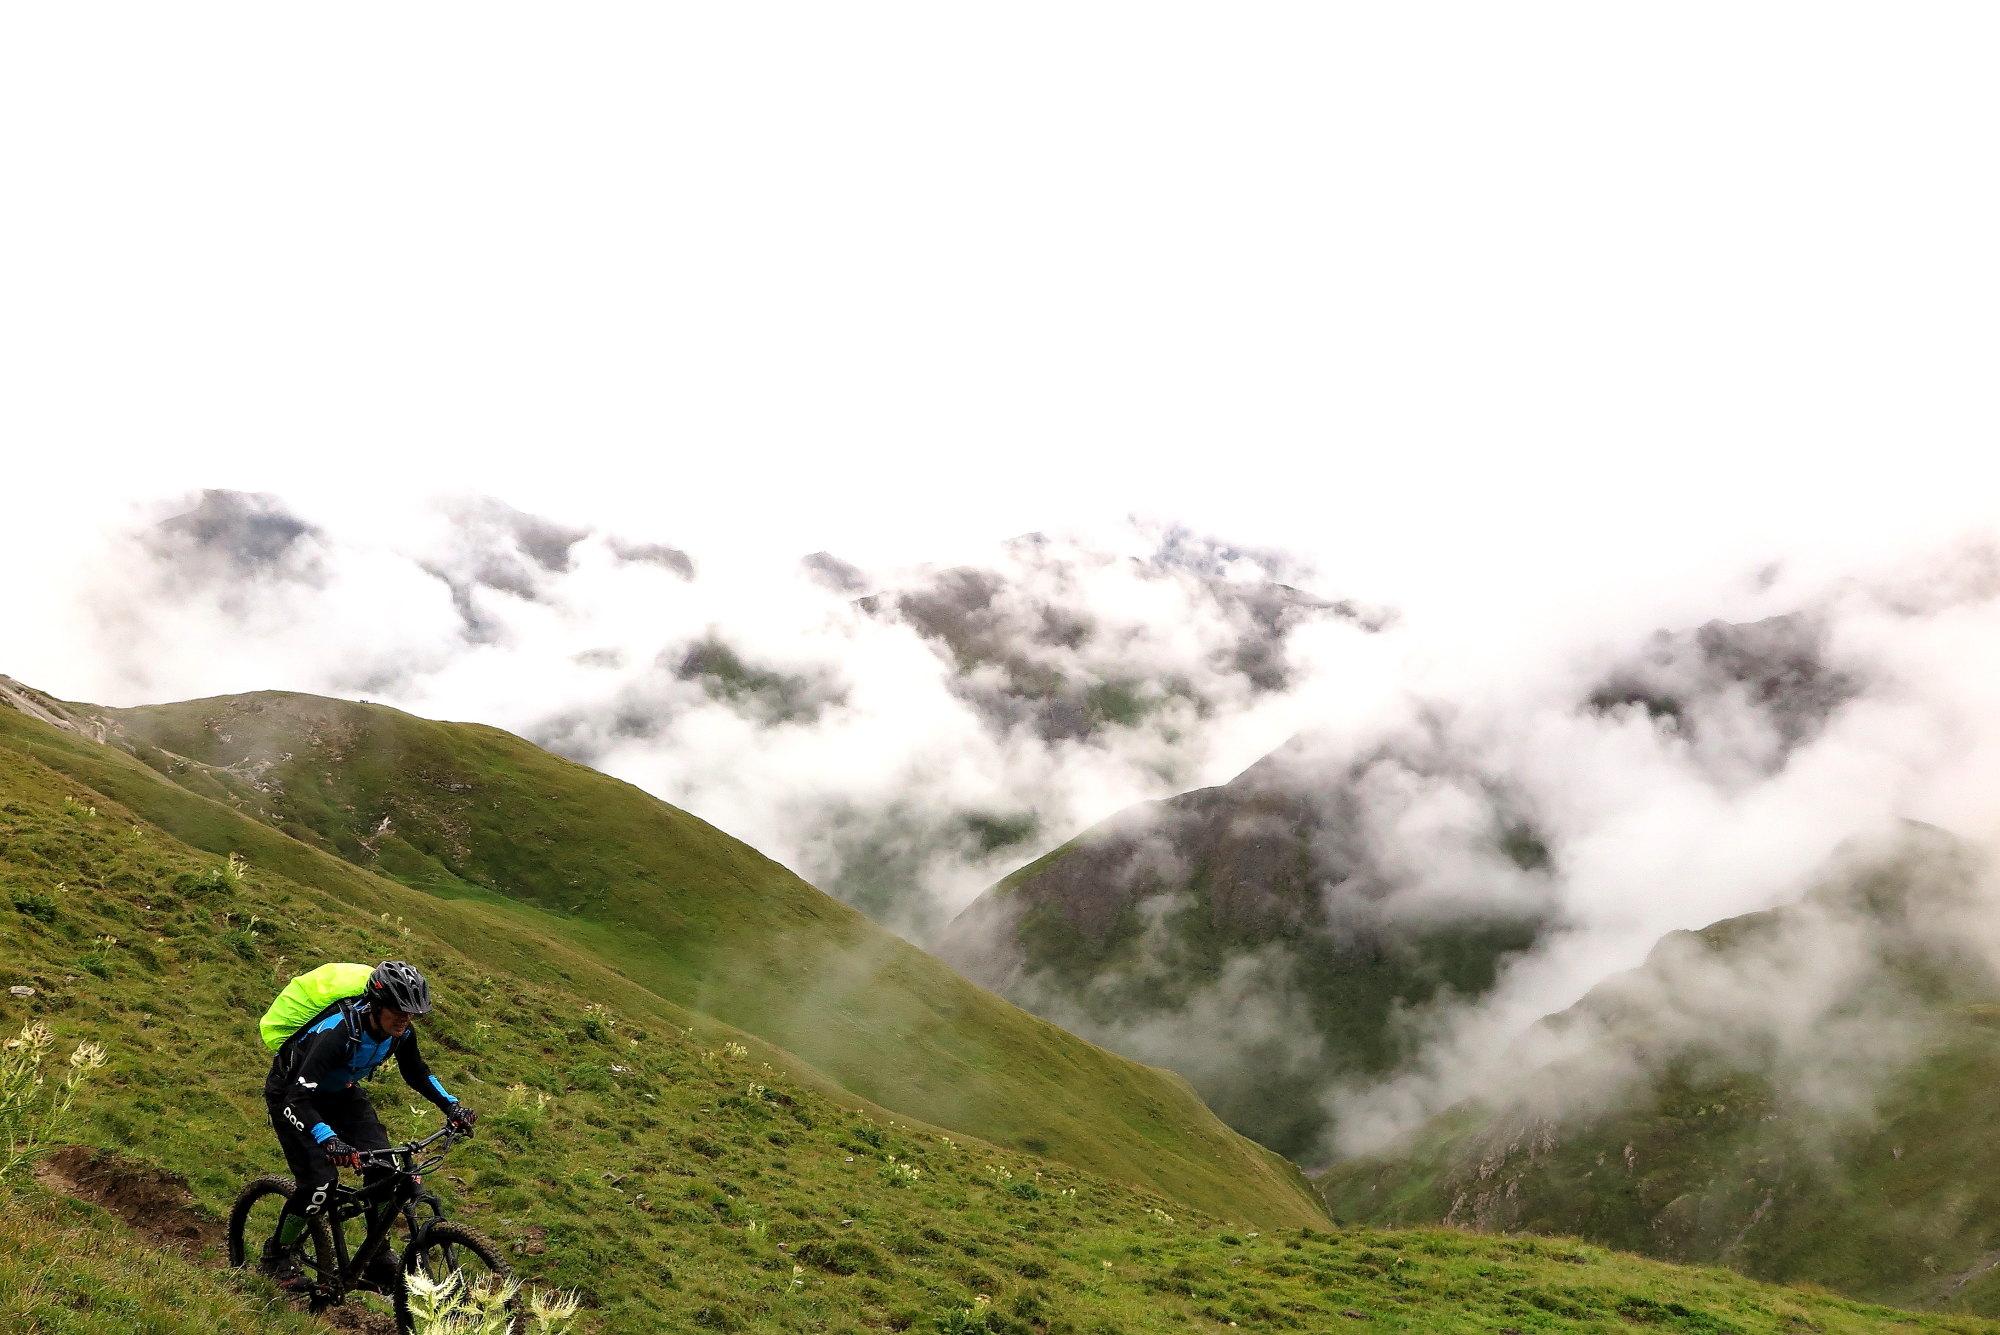 Freeride X-Short – Alles wovon der Biker träumt